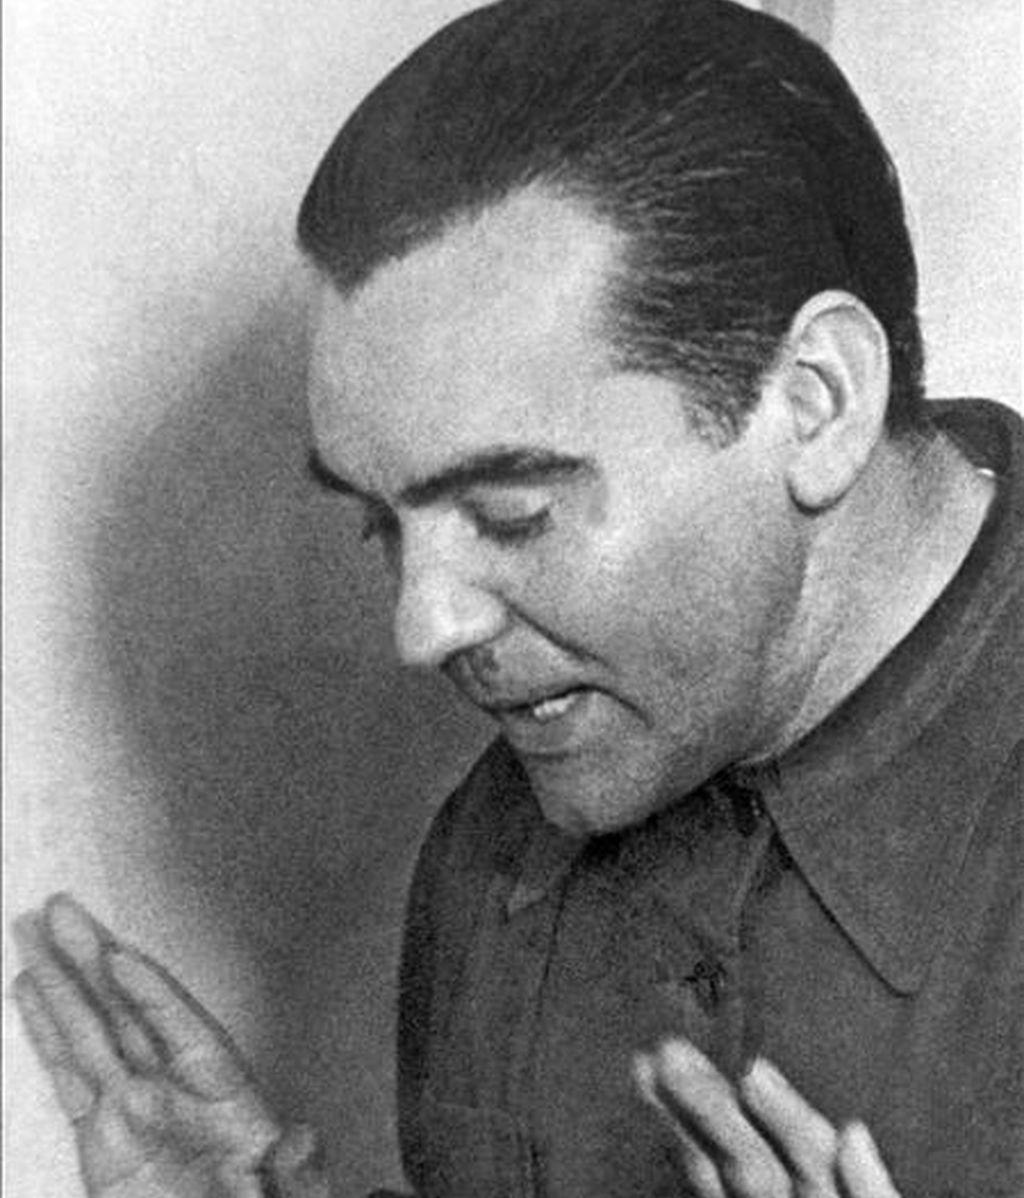 Fotografía sin fechar (aproximadamente en 1936), del poeta granadino Federico García Lorca. EFE/Archivo